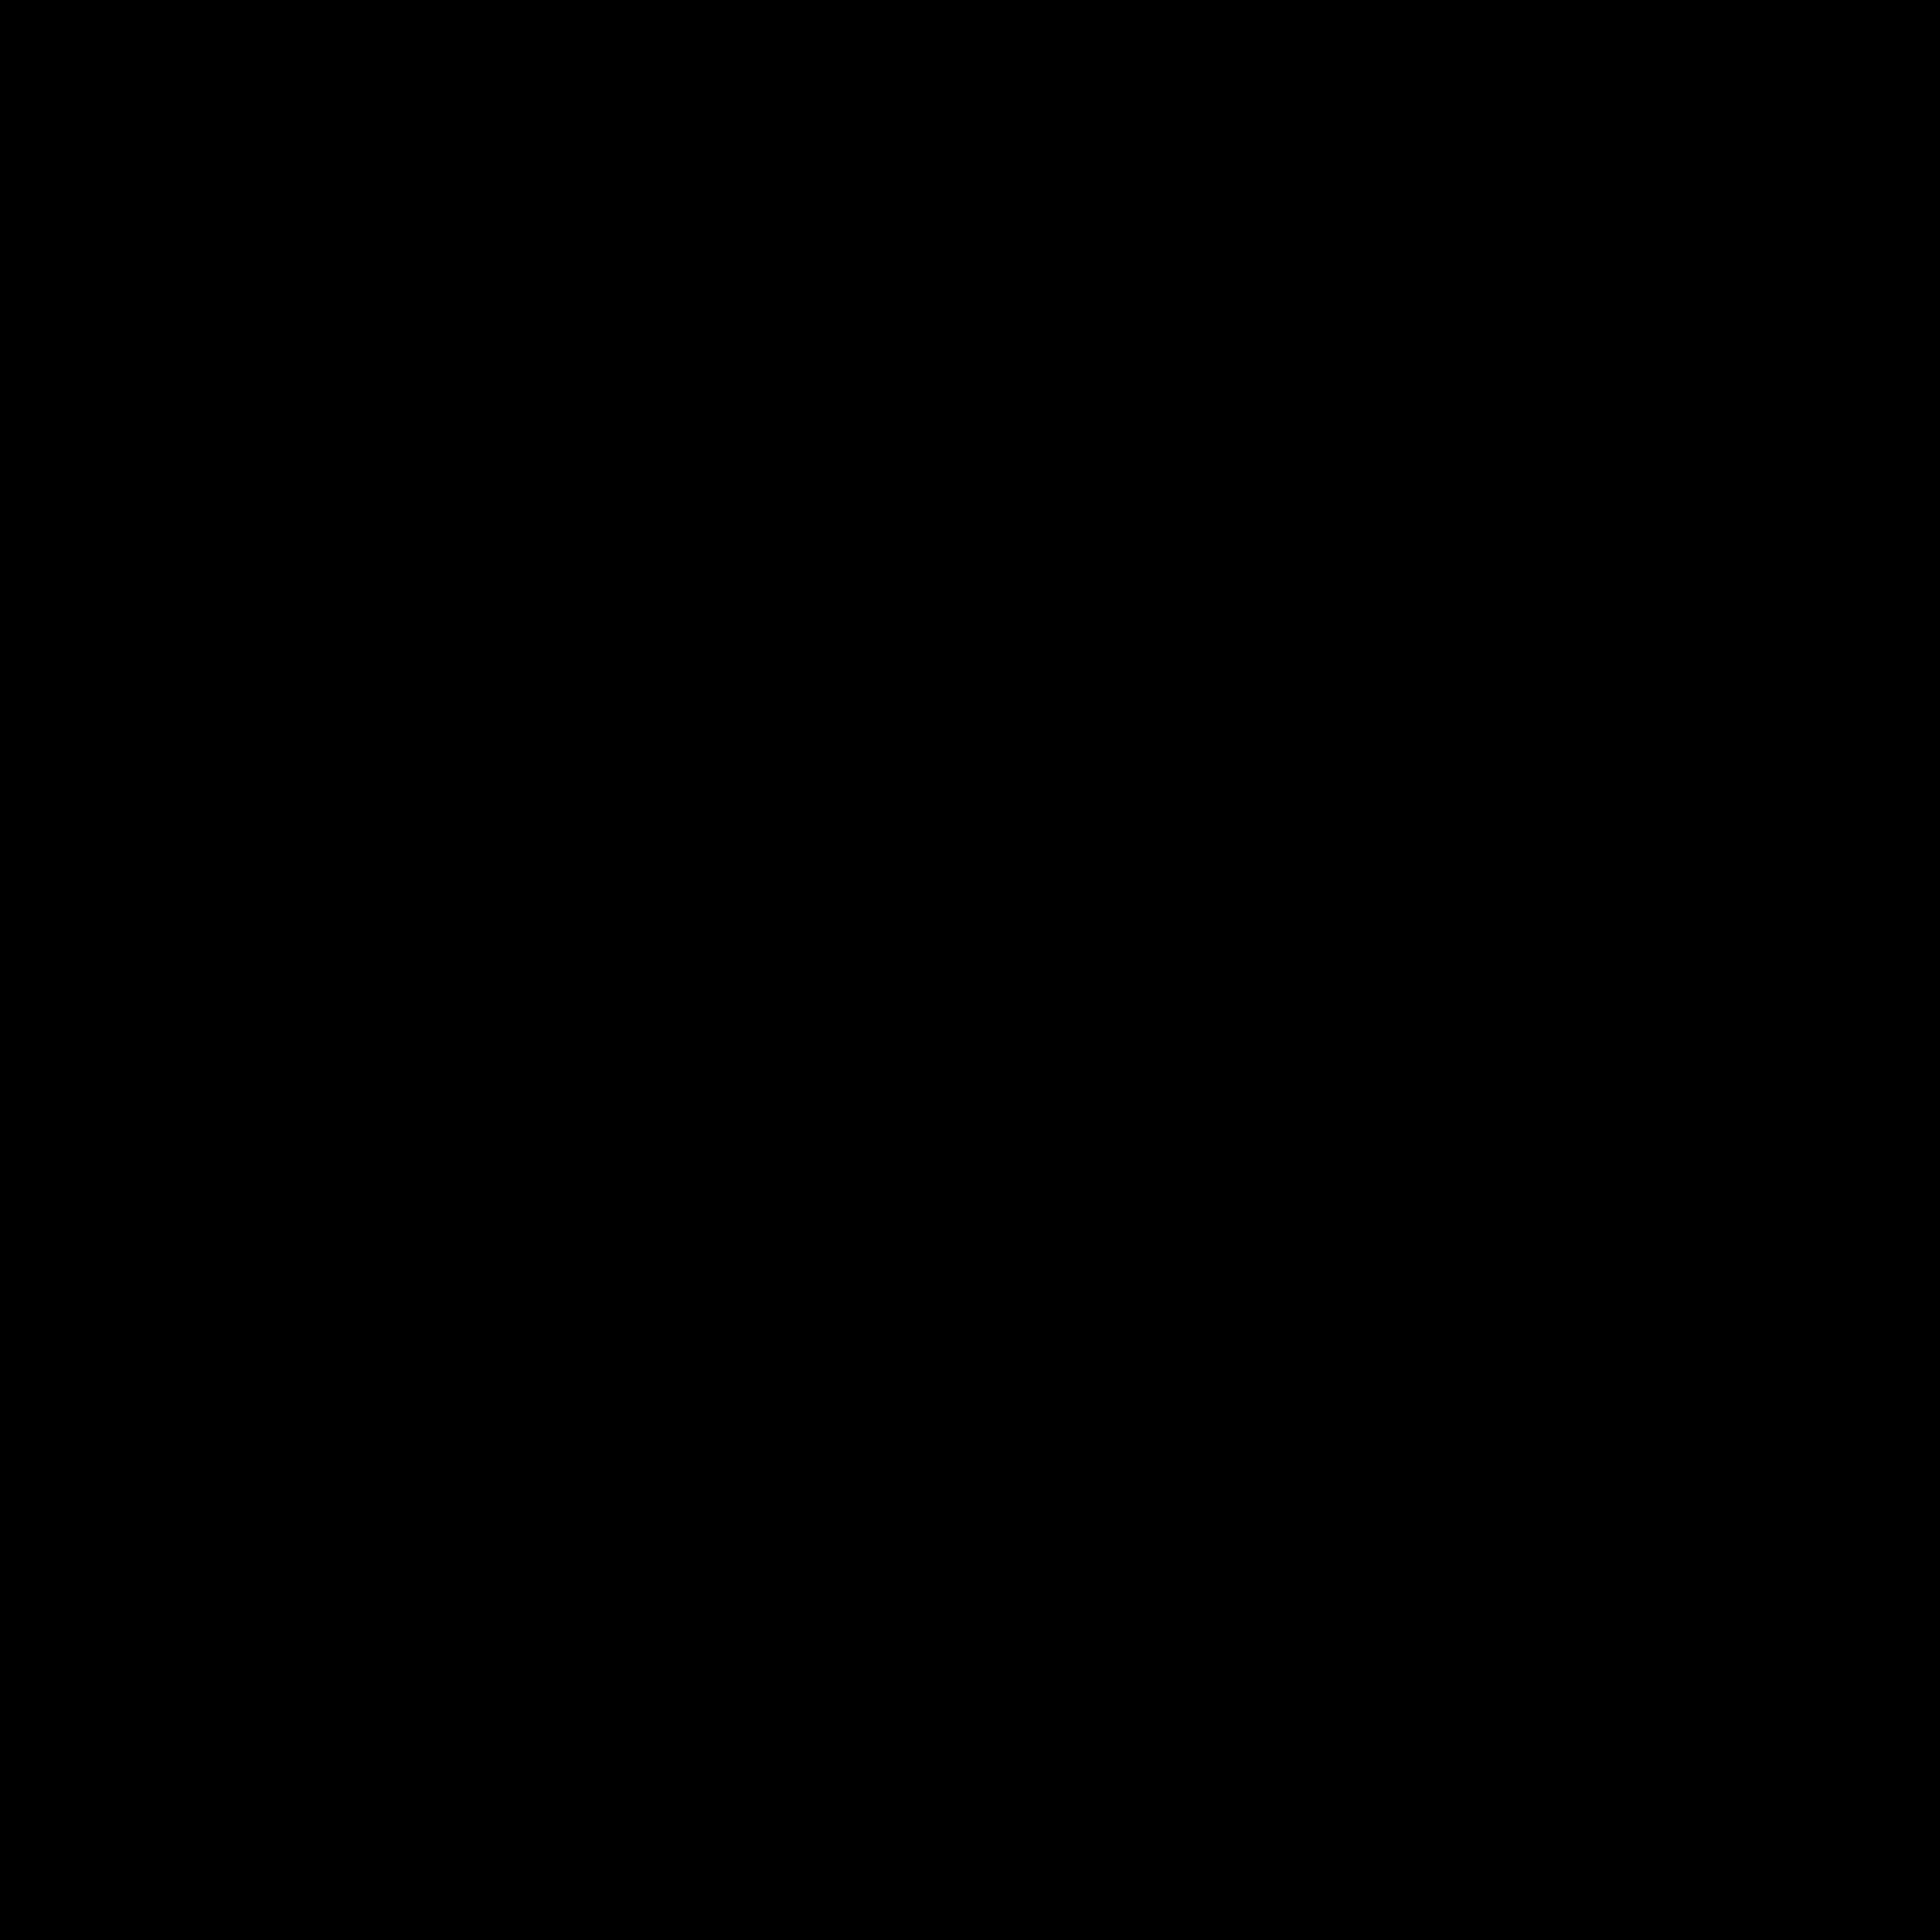 LVM Versicherung Witali Martin - Versicherungsagentur